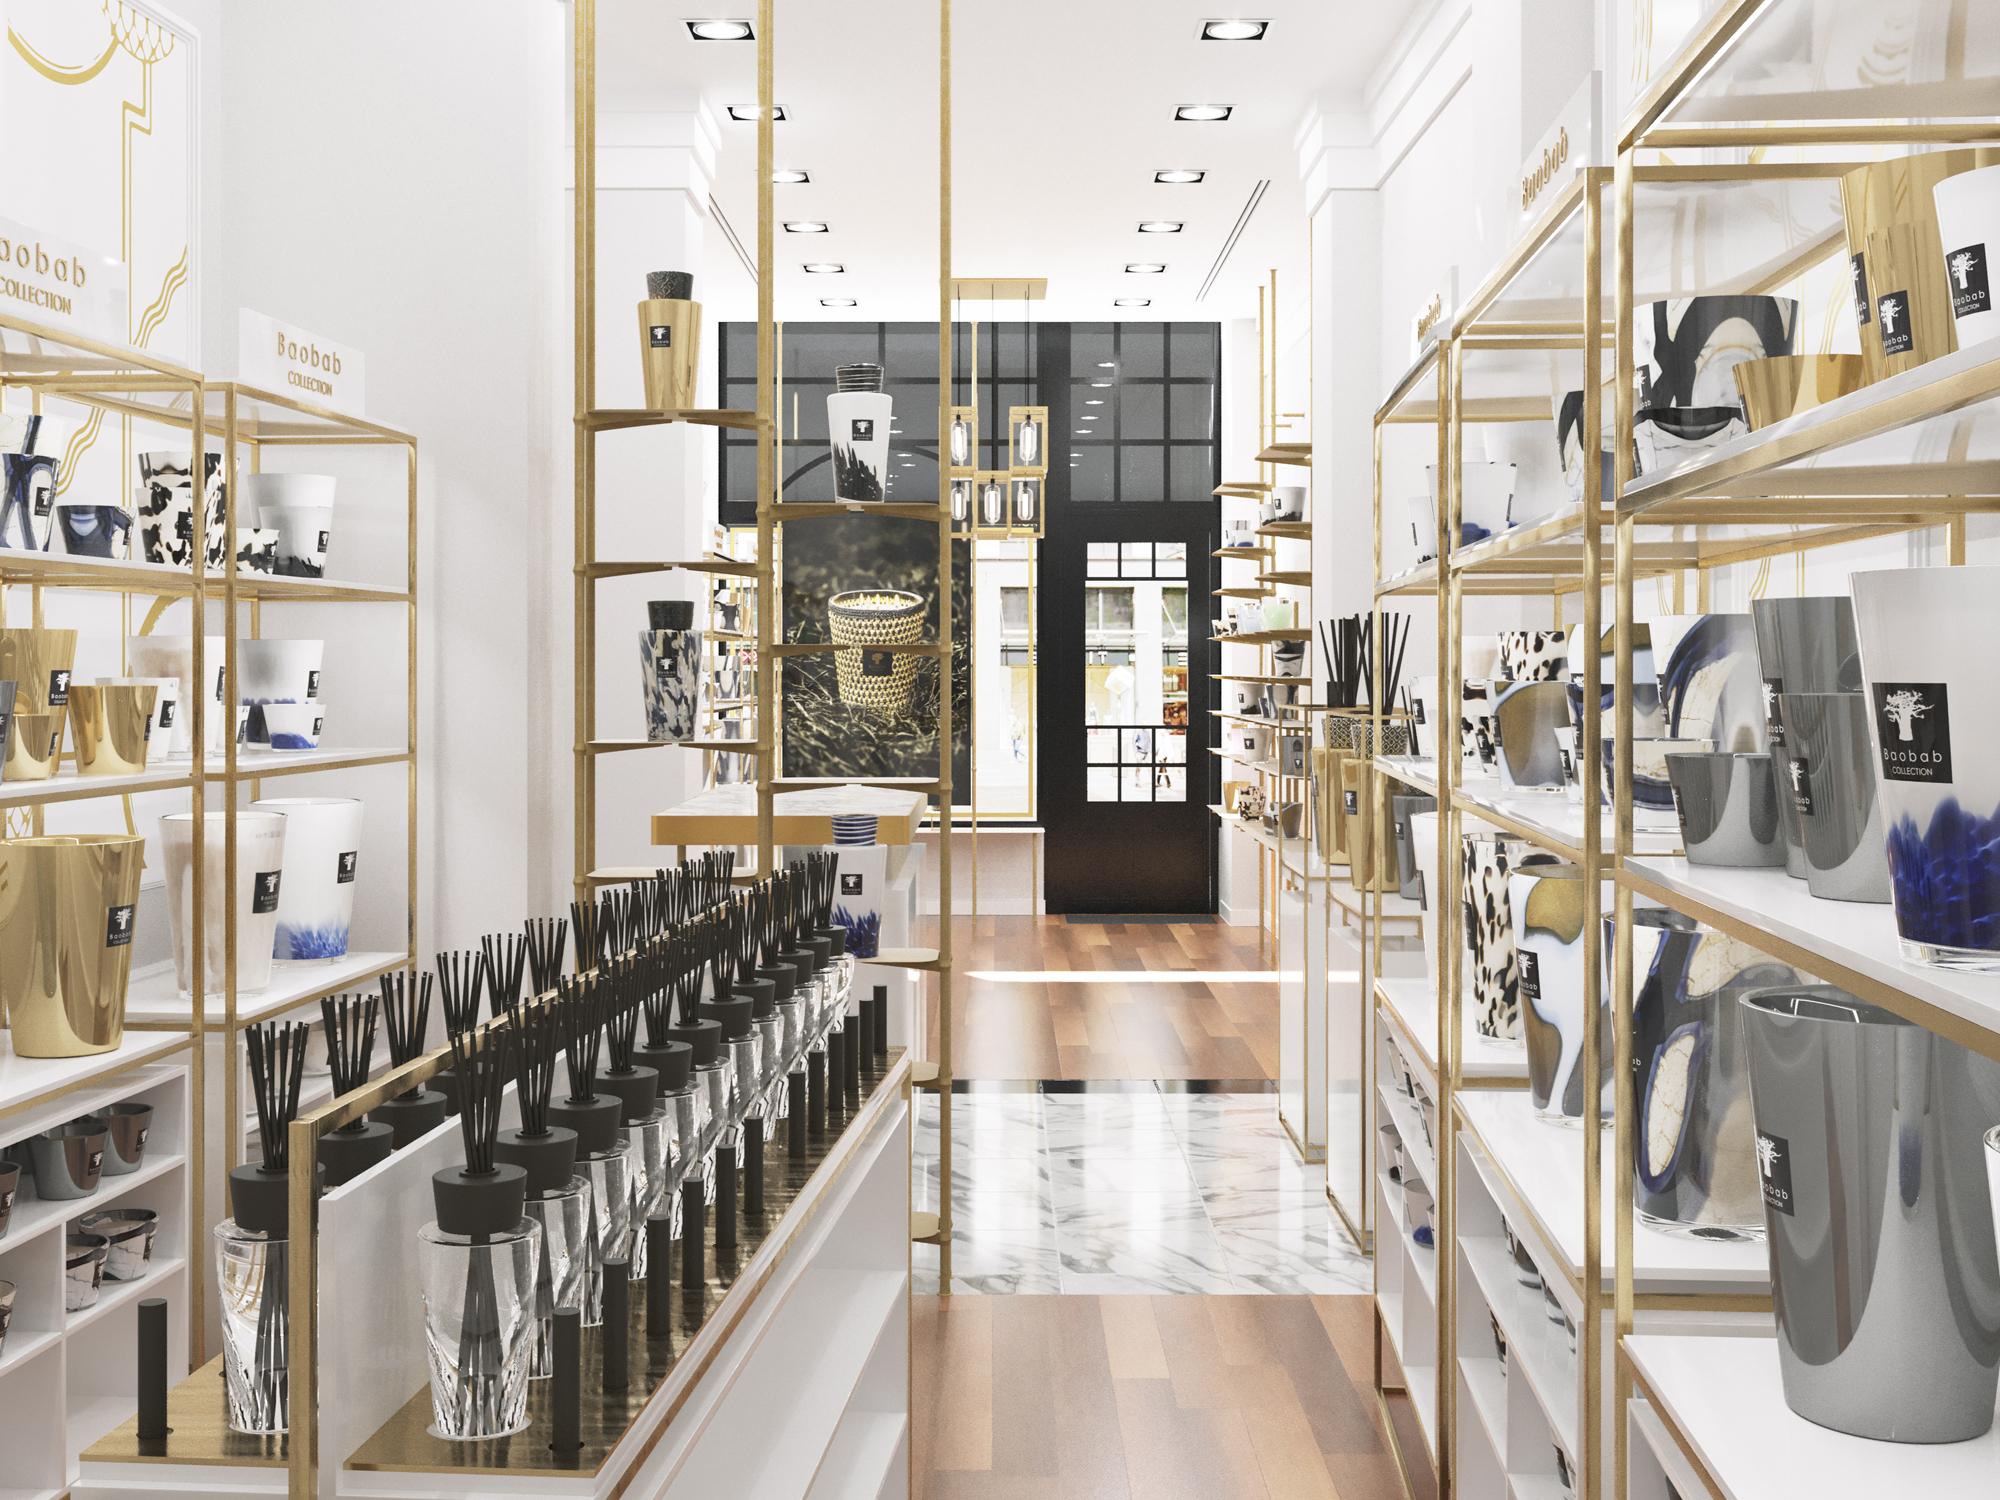 Nieuw: BAOBAB opent pop-up winkel in Antwerpen